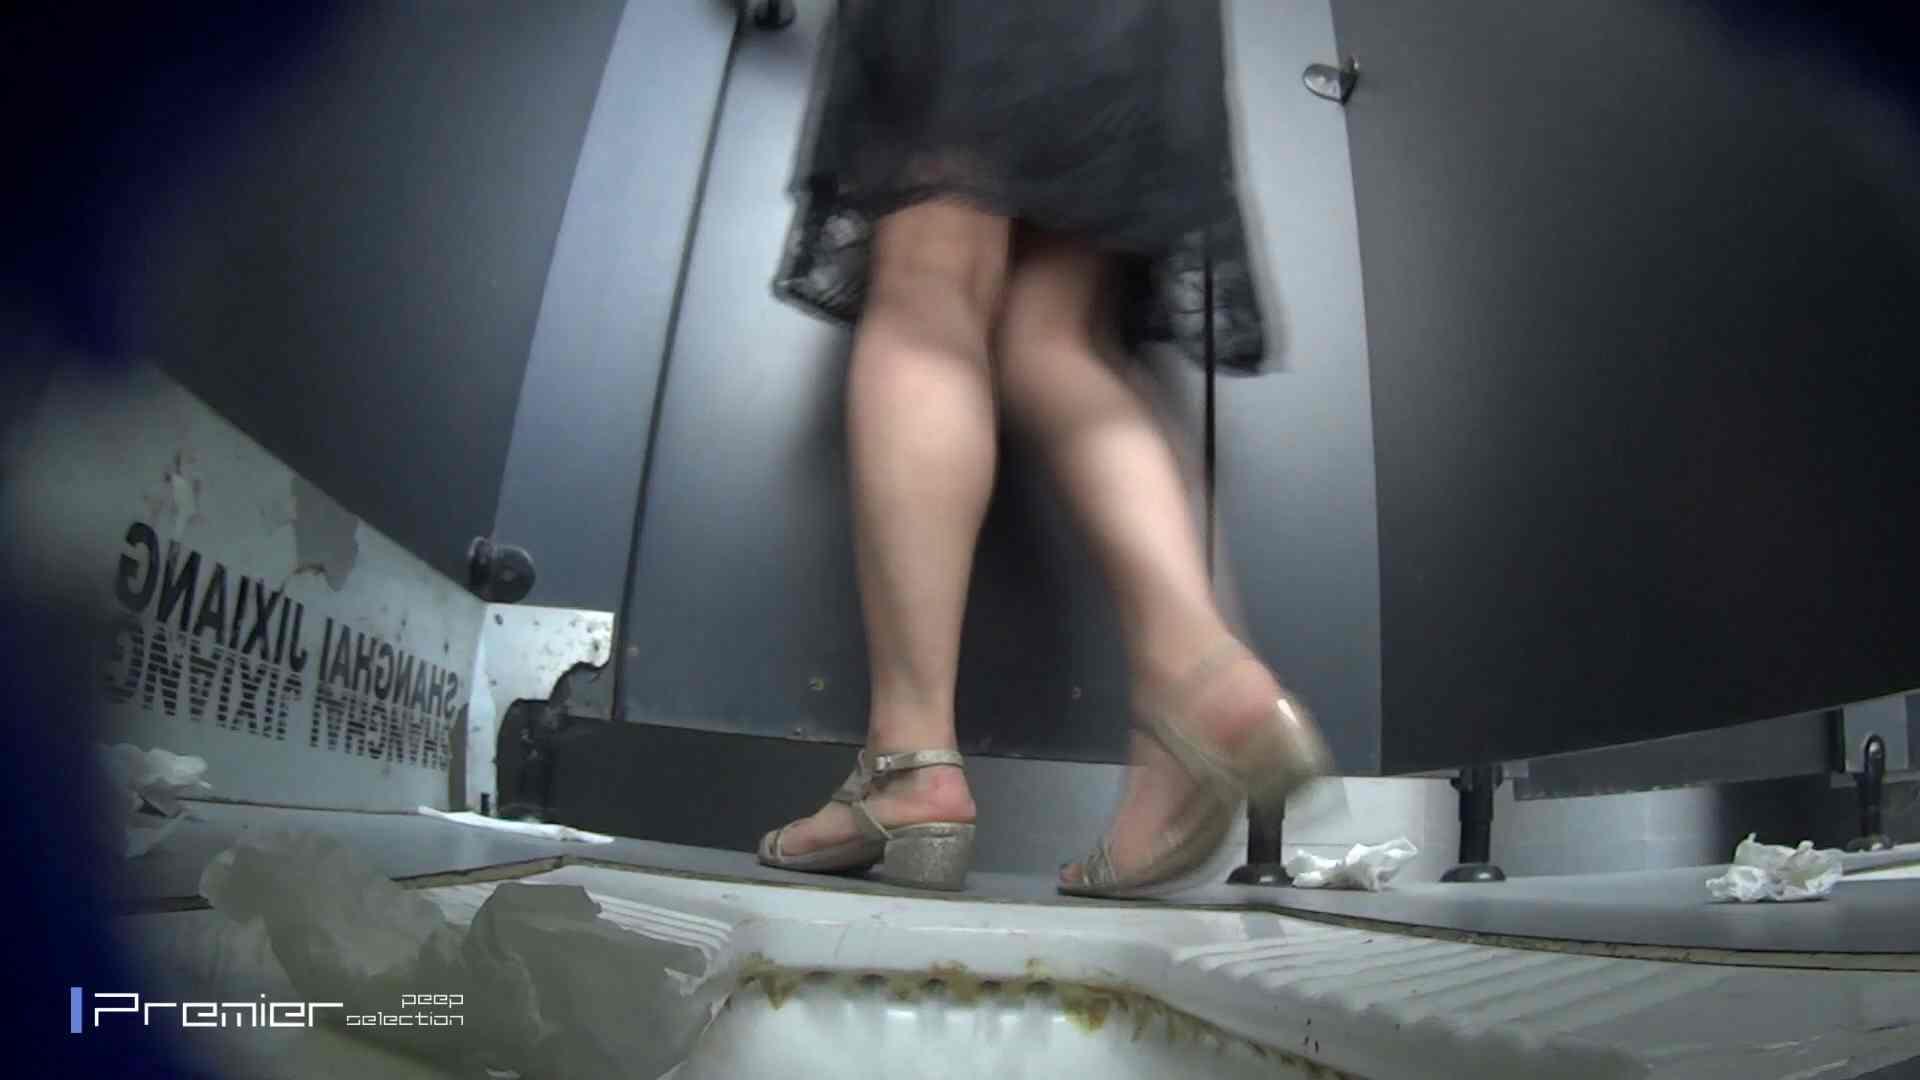 スキニージーンズの美女 大学休憩時間の洗面所事情56 洗面所  107PIX 83